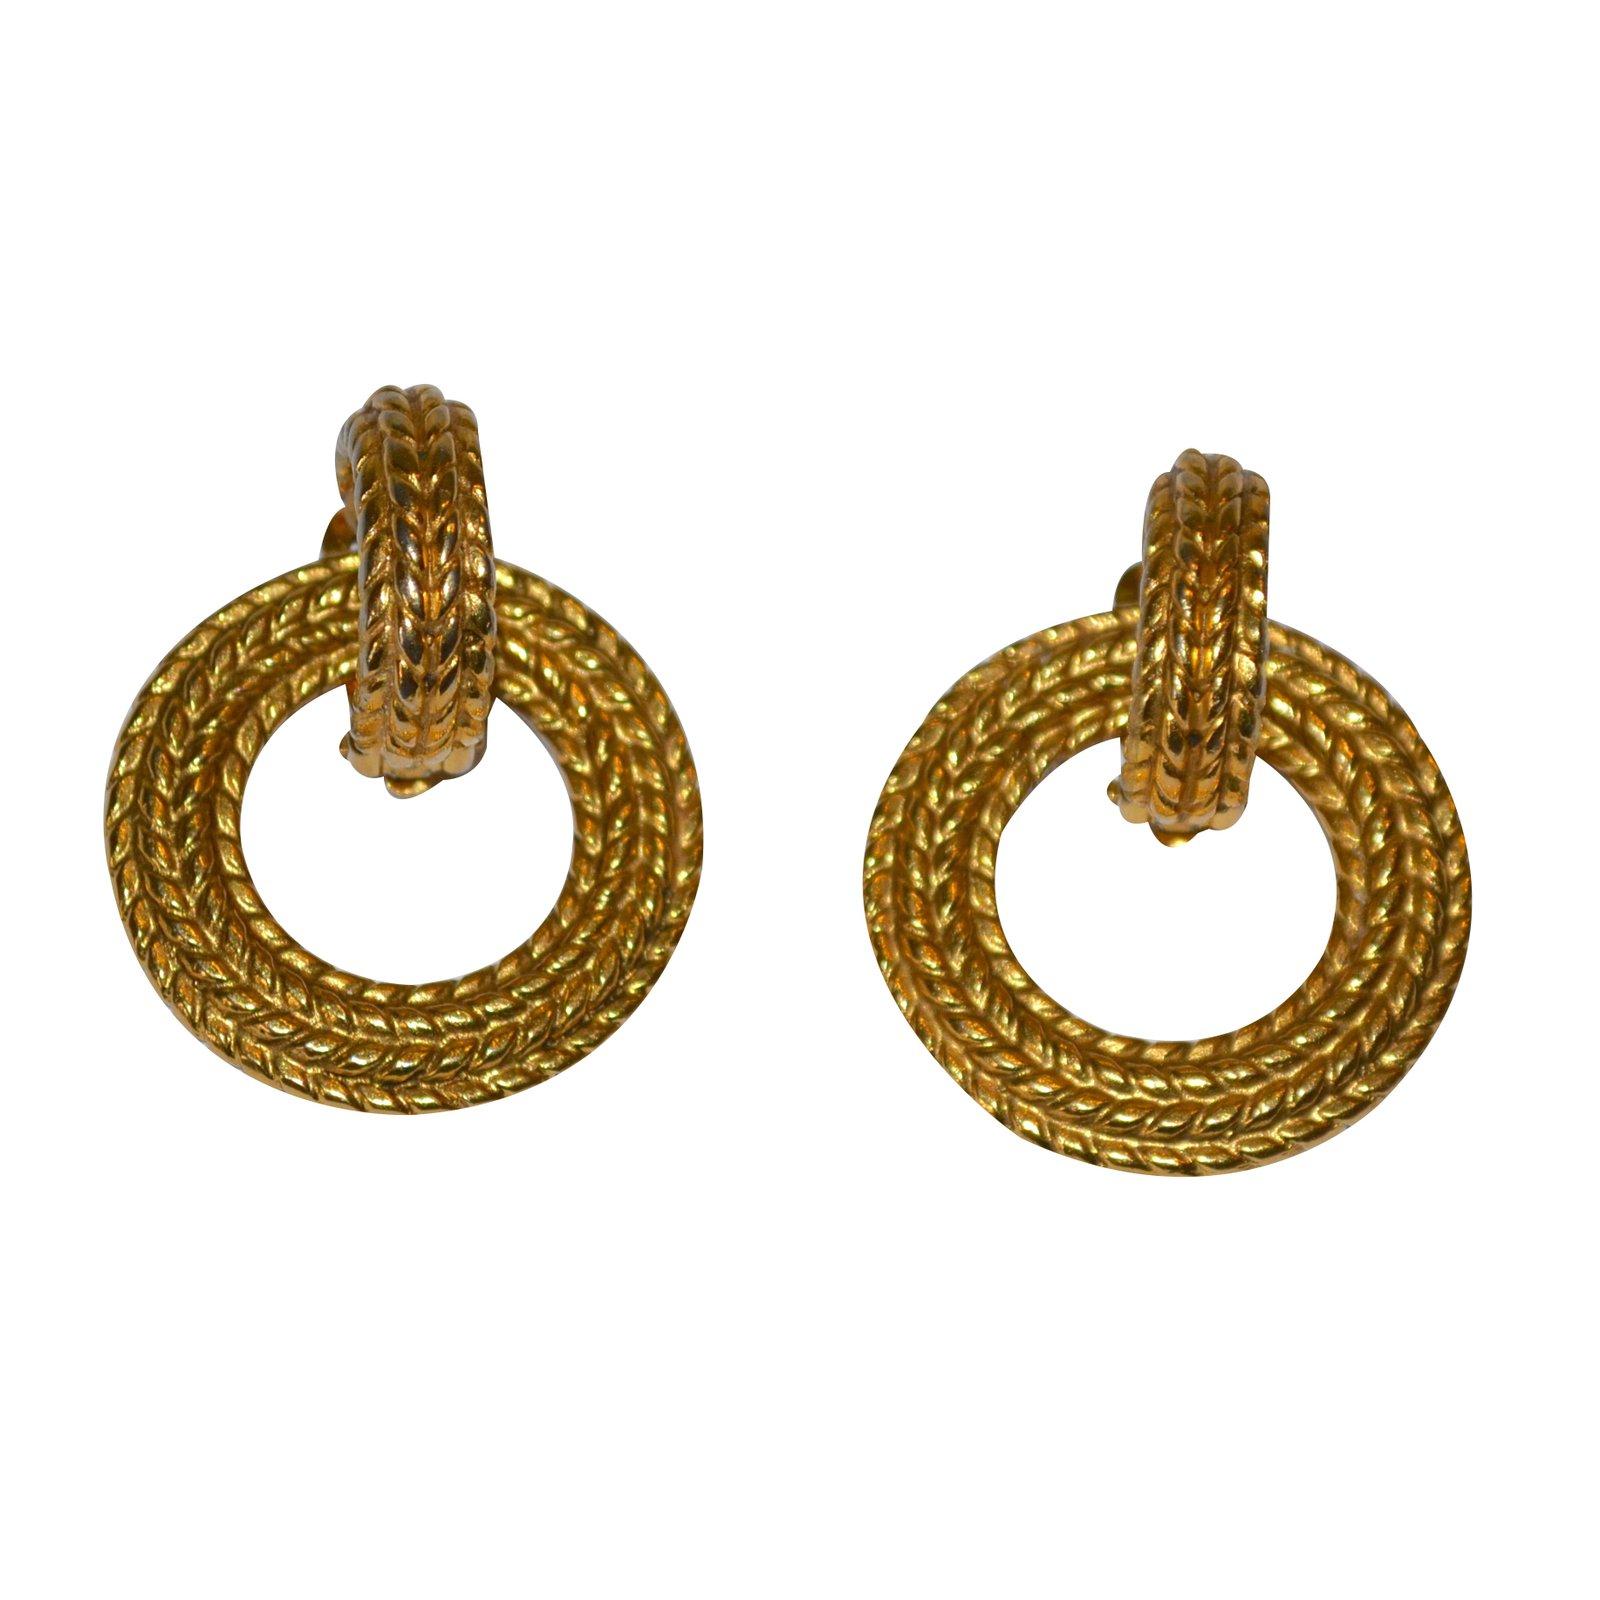 Chanel Earrings Earrings Metal Golden Ref31584